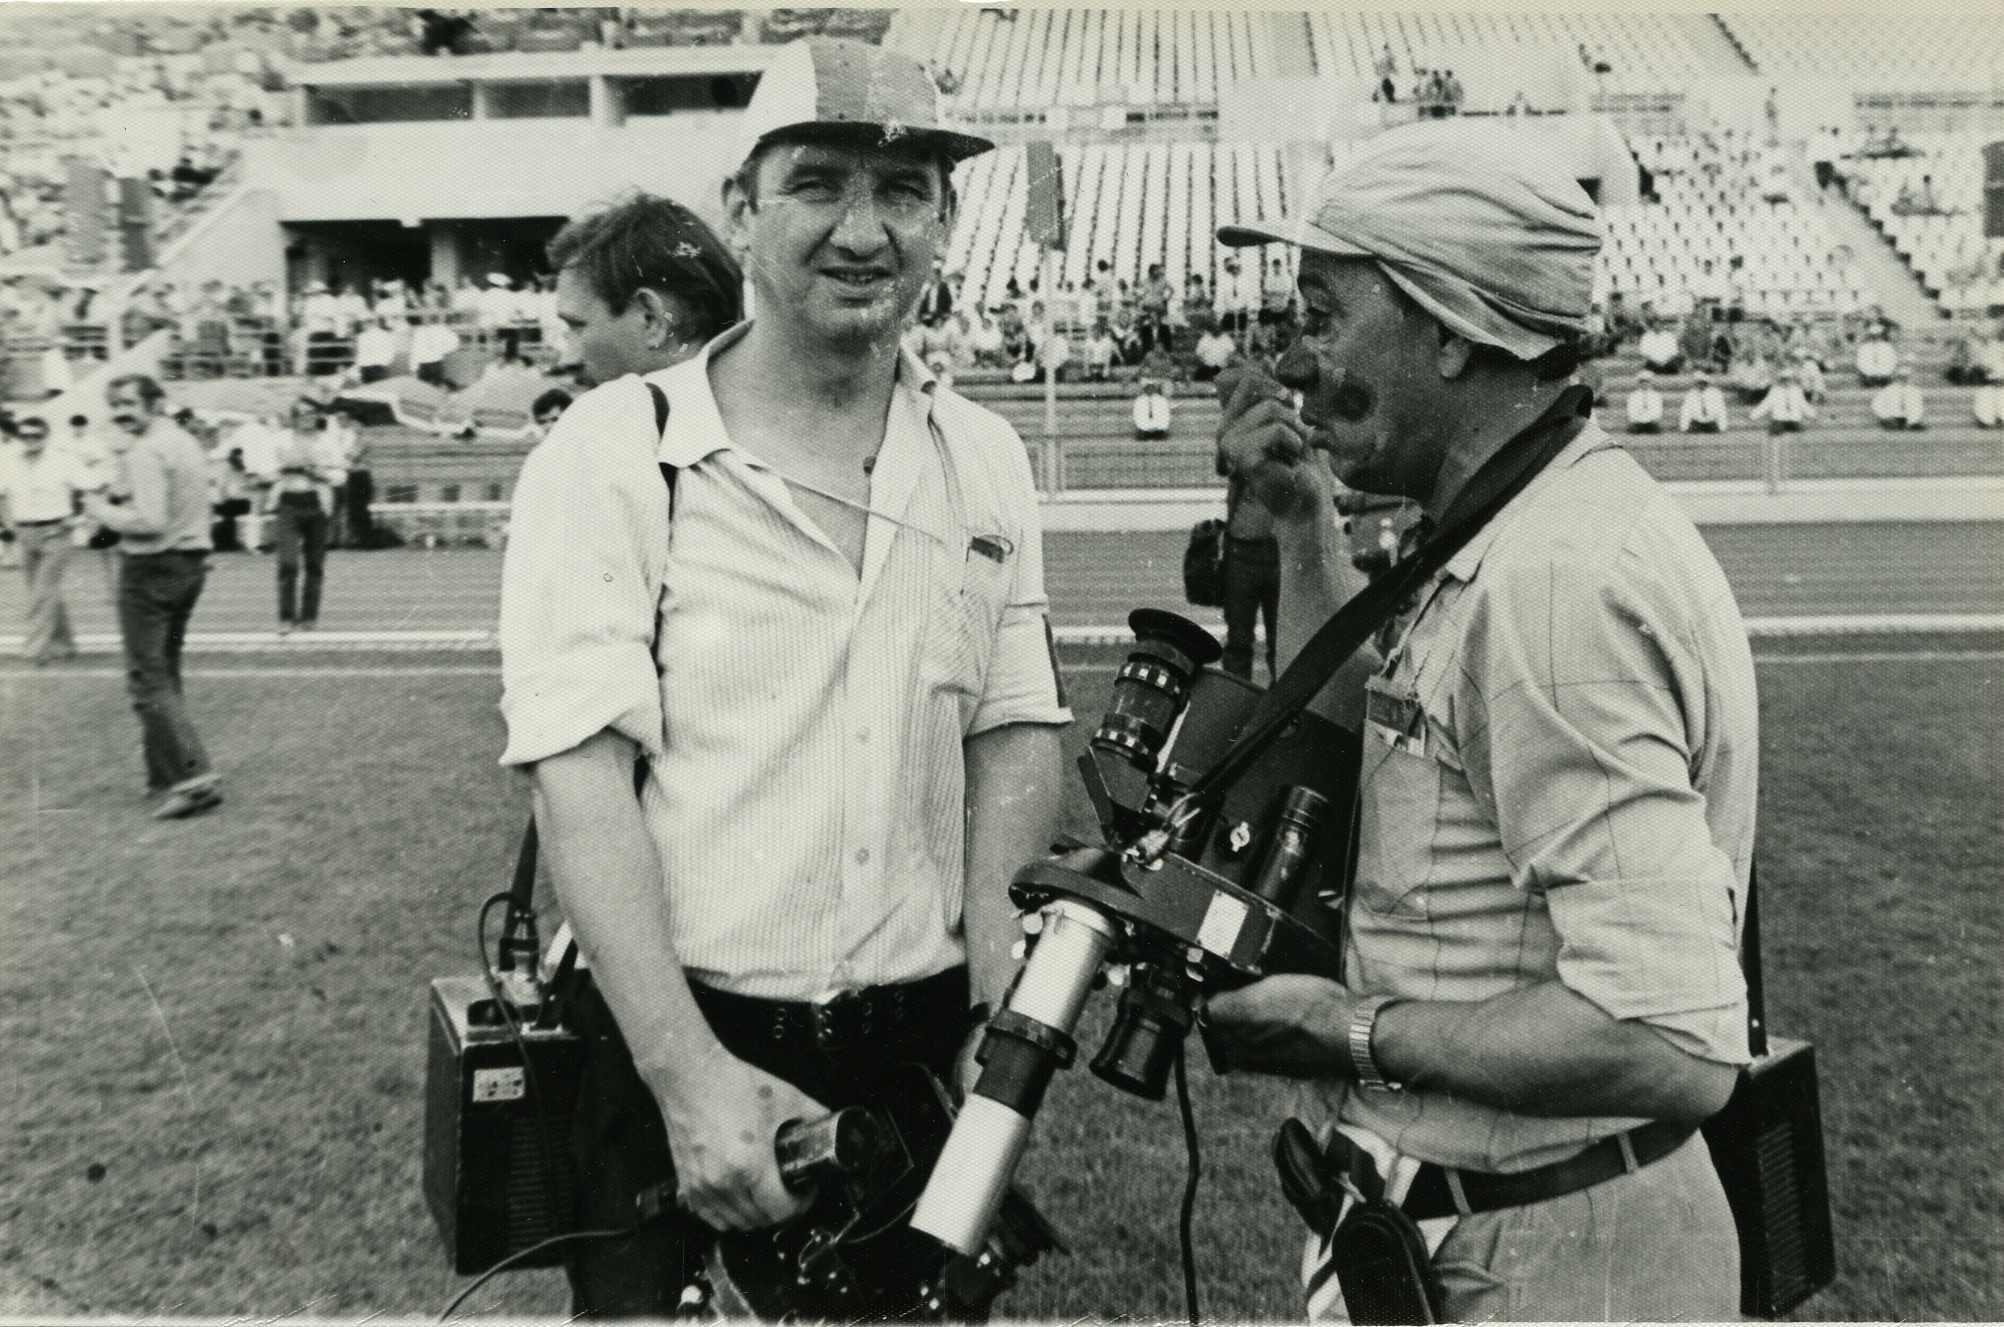 Экспонат #41. С Юрием Буслаевым на стадионе «Динамо». Олимпиада-80